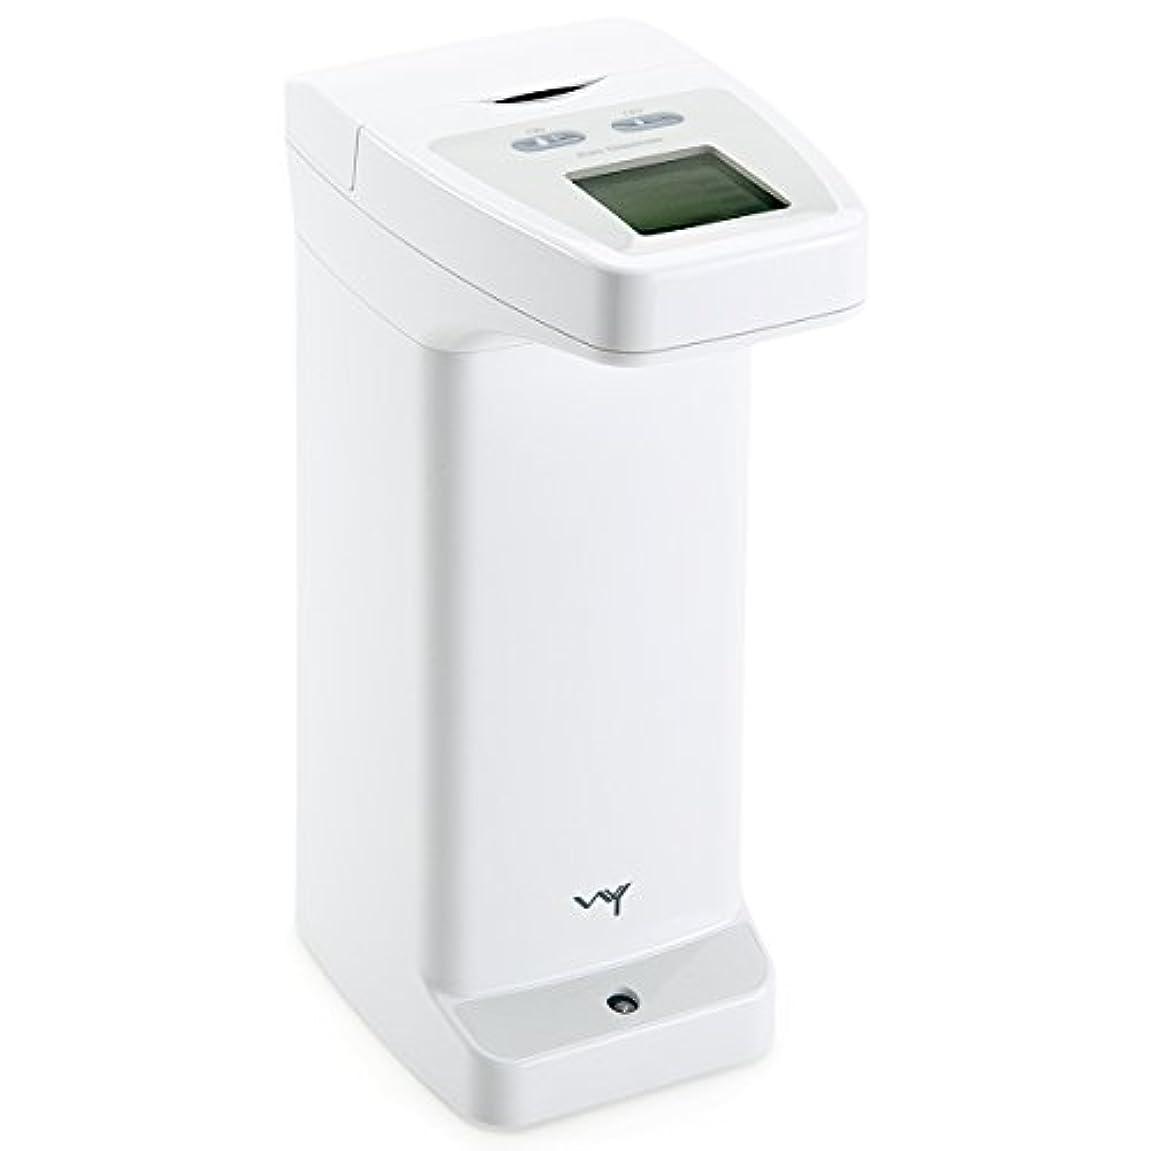 優しいクレア必須WY 自動センサーディスペンサー 洗剤 ハンドソープ アルコール用 ソープディスペンサー 防滴 液晶付き WY-HM012